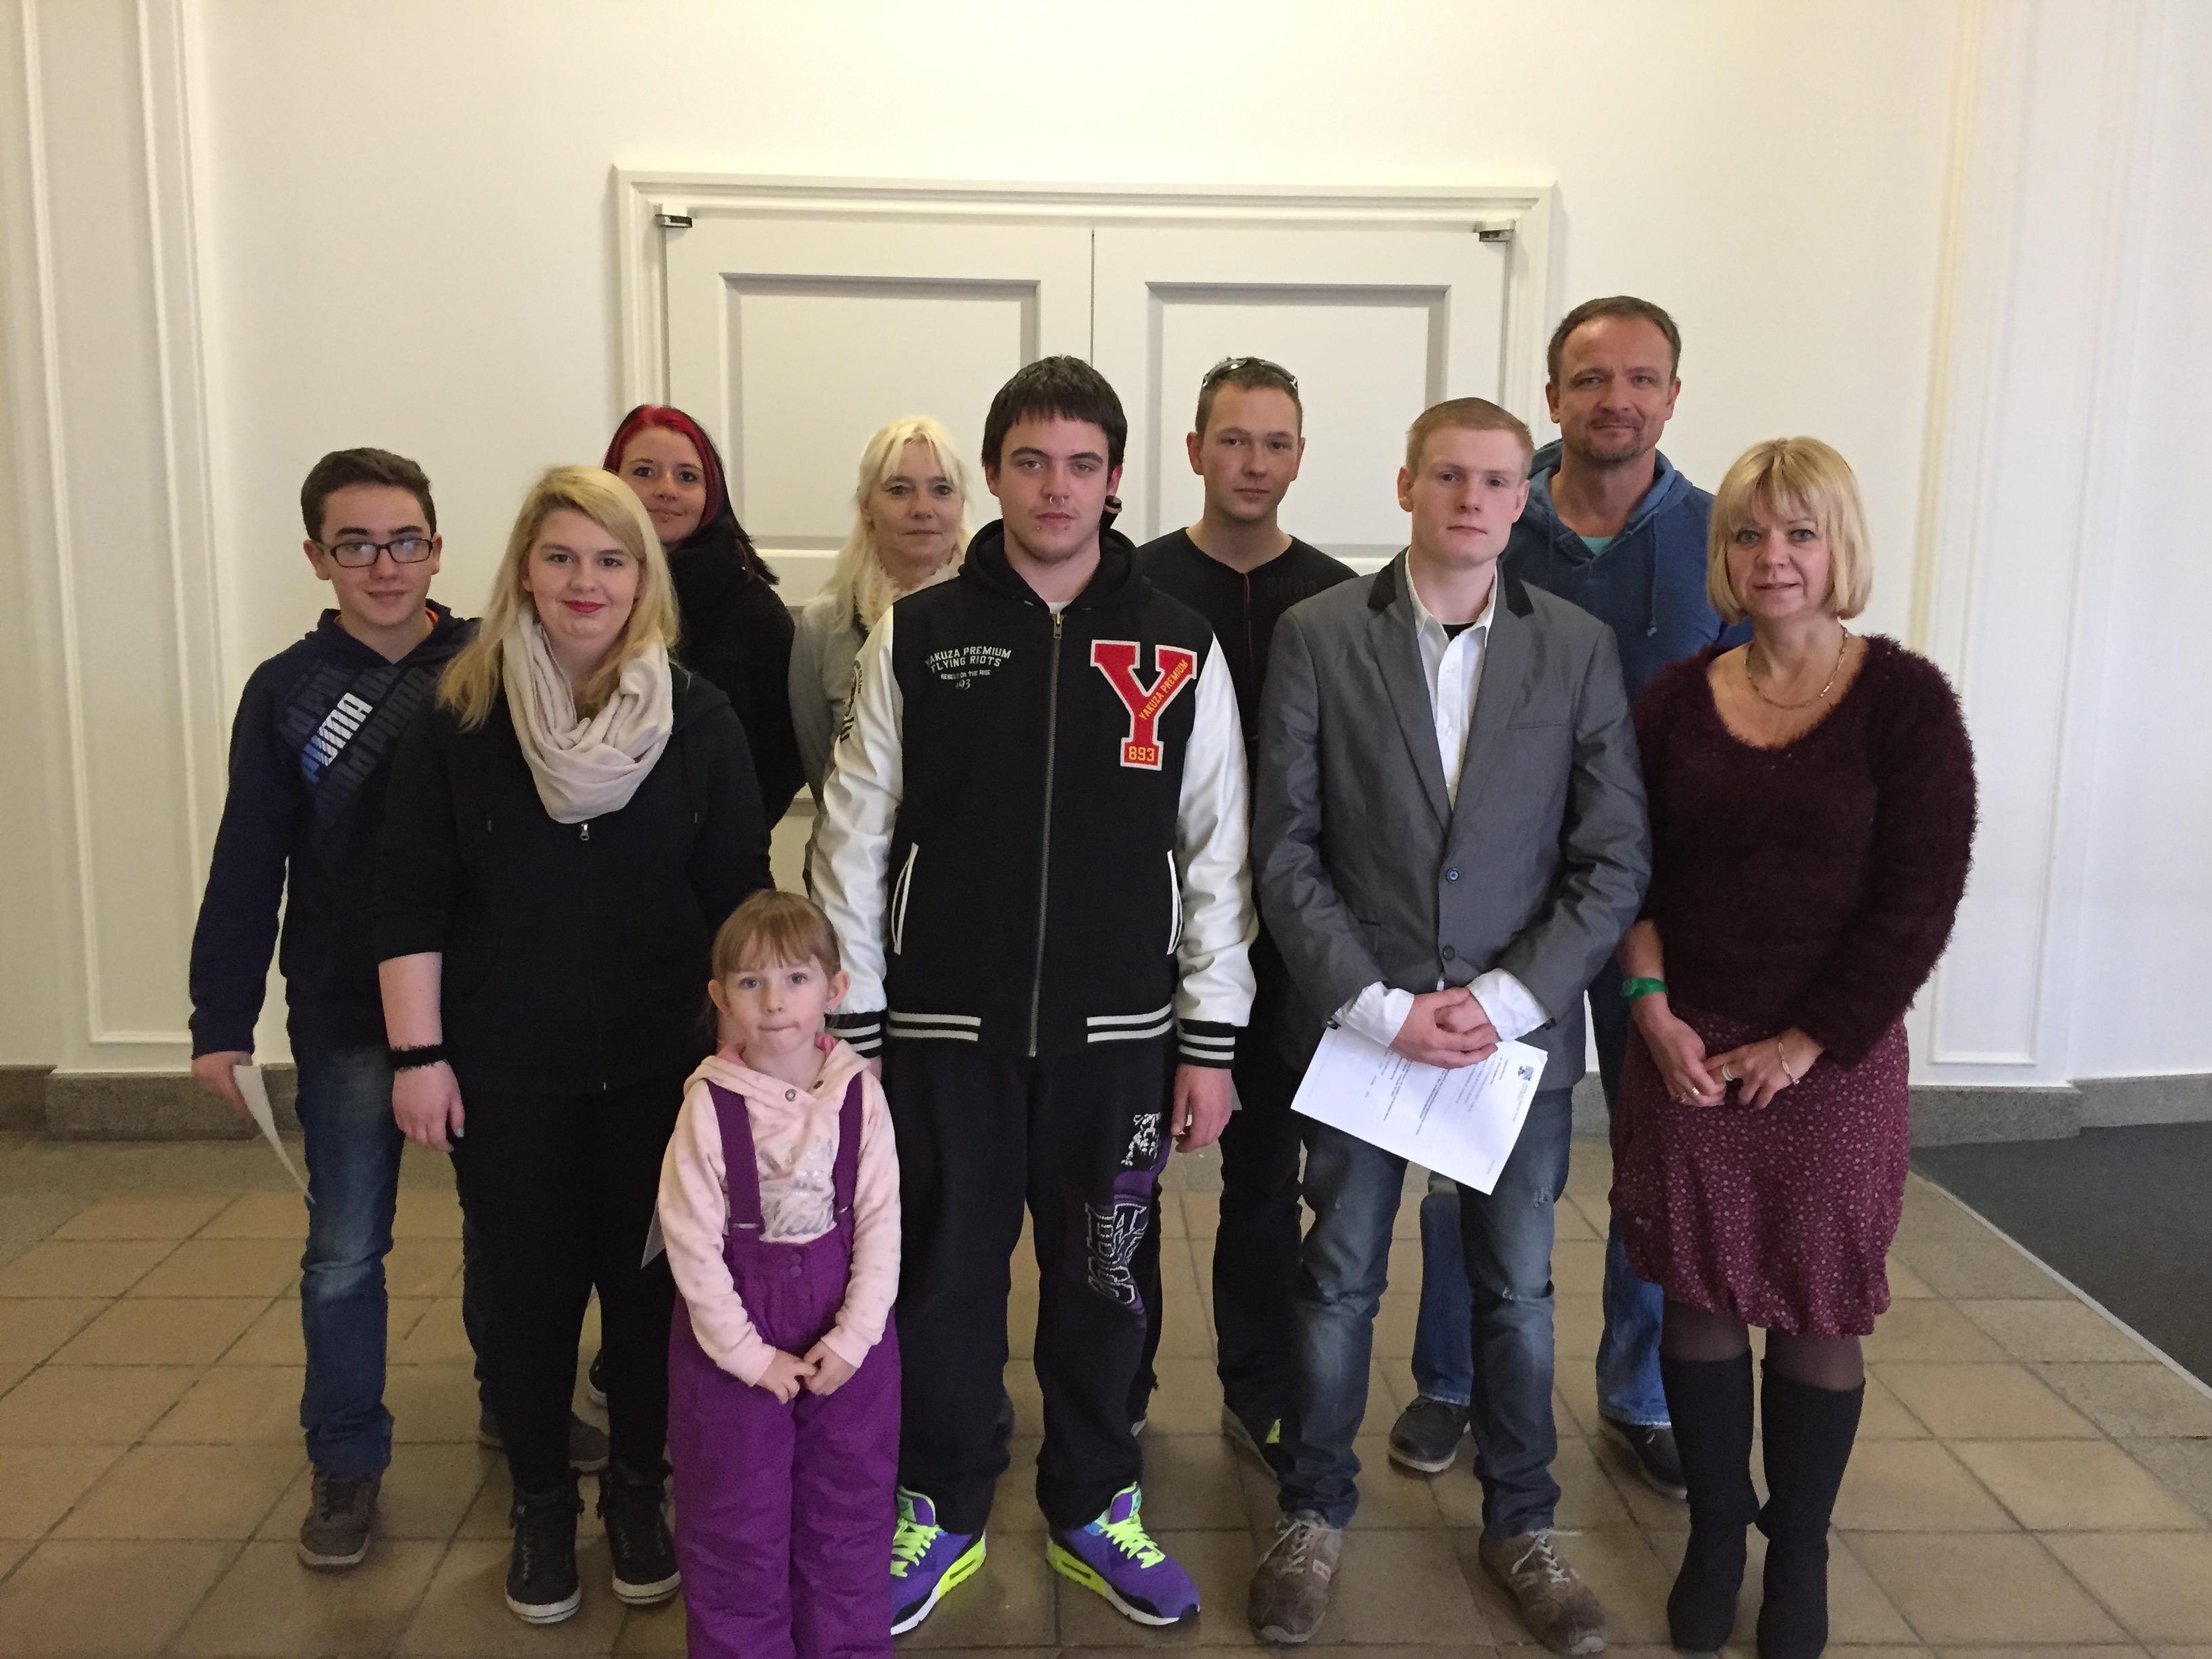 Jugendliche besuchten die Landeshauptstadt | Cornelia Lüddemann